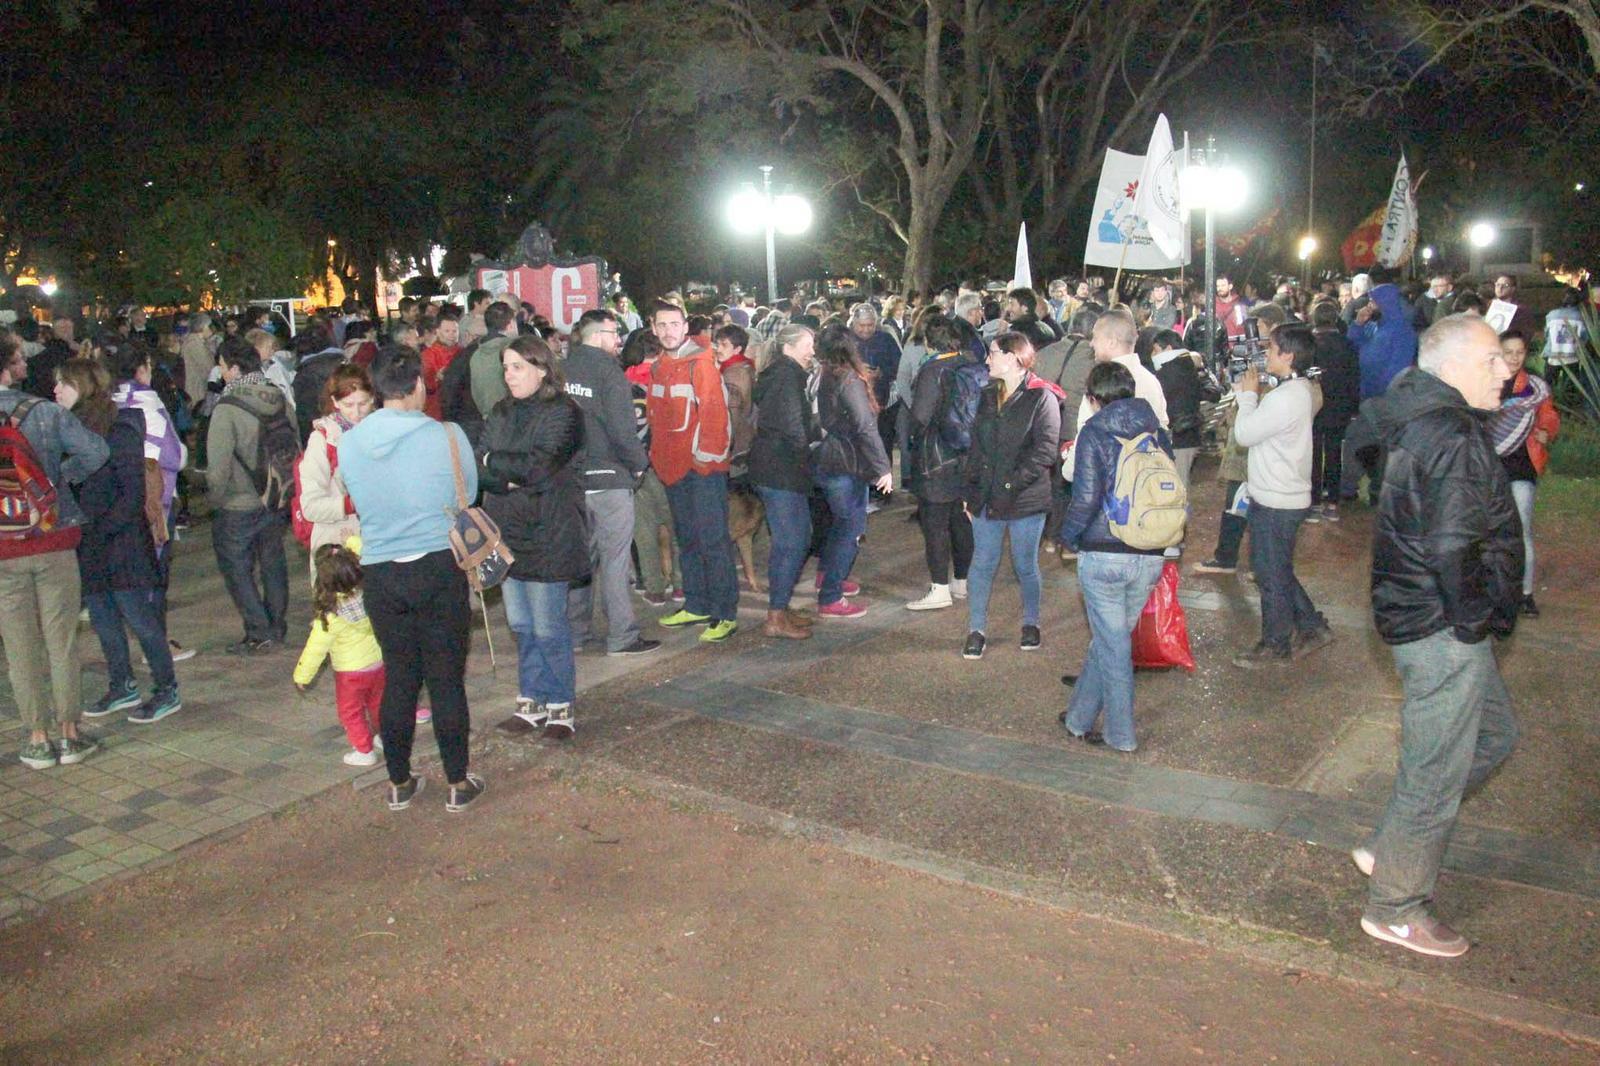 FOTO J. BARRERA NI OLVIDO, NI PERDON./ Los manifestantes reclamaron juicio político a los jueces que votaron a favor del 2x1 para los delitos de lesa humanidad.  PRESENTES./ Los asistentes a la marcha homenajearon a los 18 desaparecidos de Rafaela.